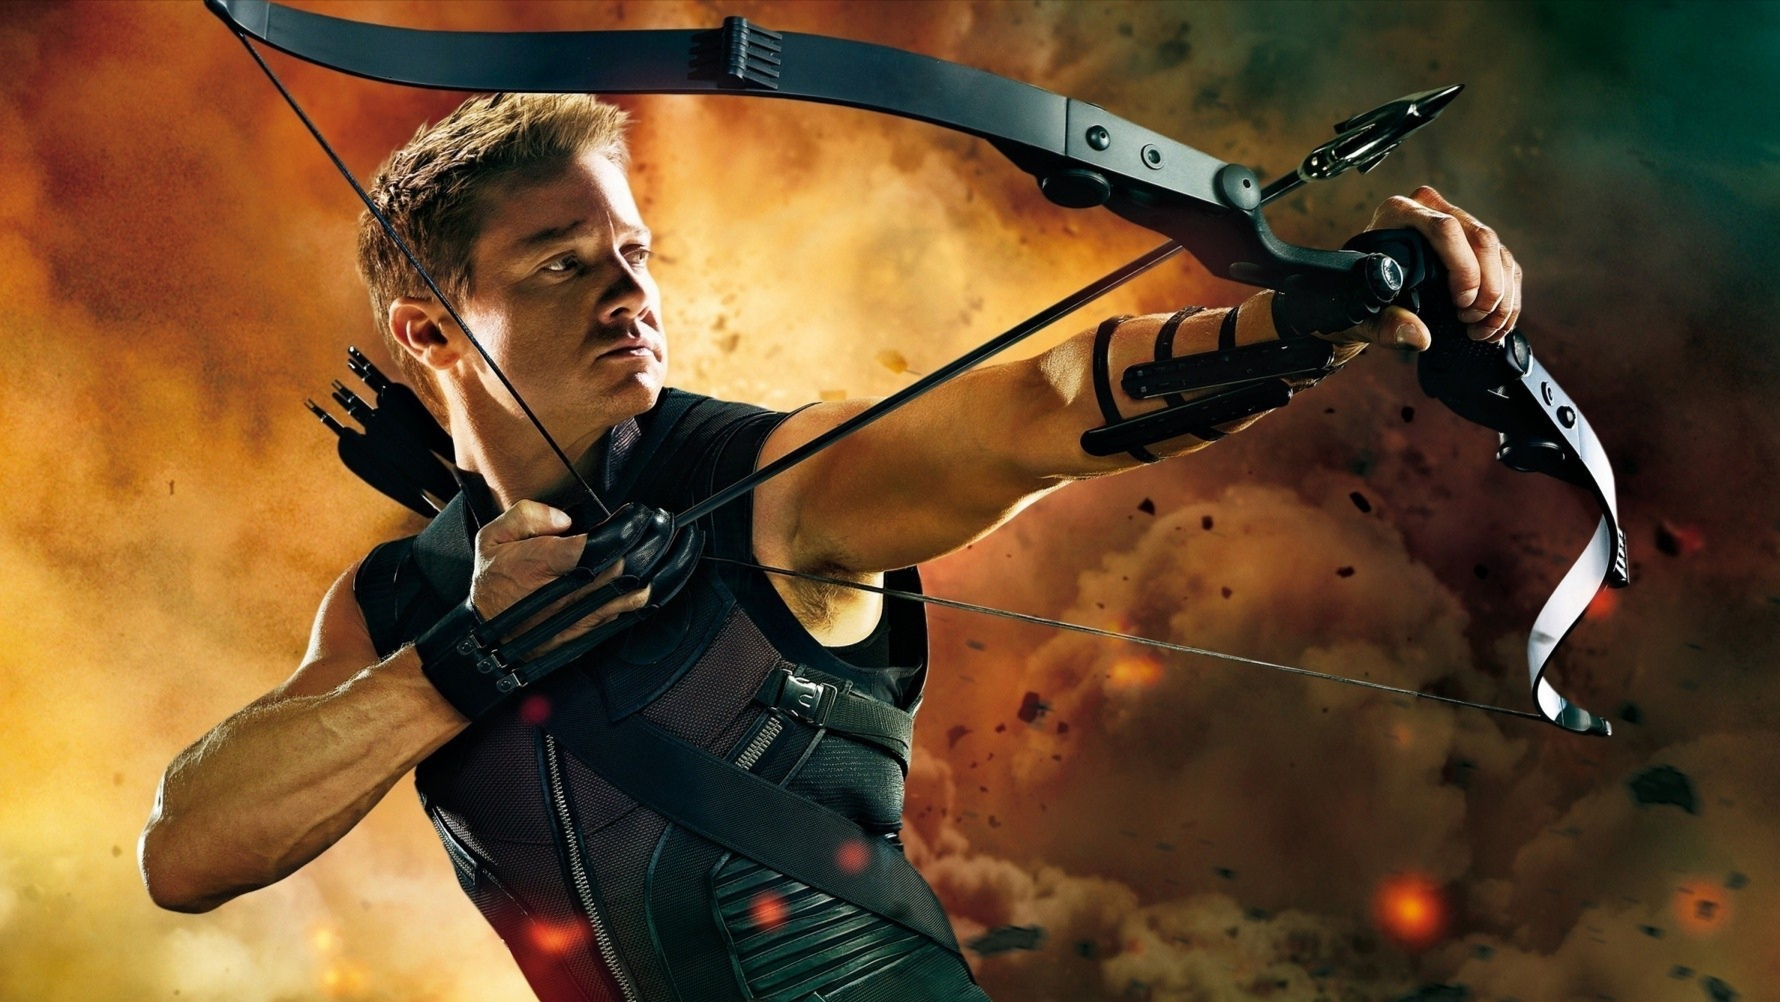 Seriál Hawkeye se zaměří na novou postavu